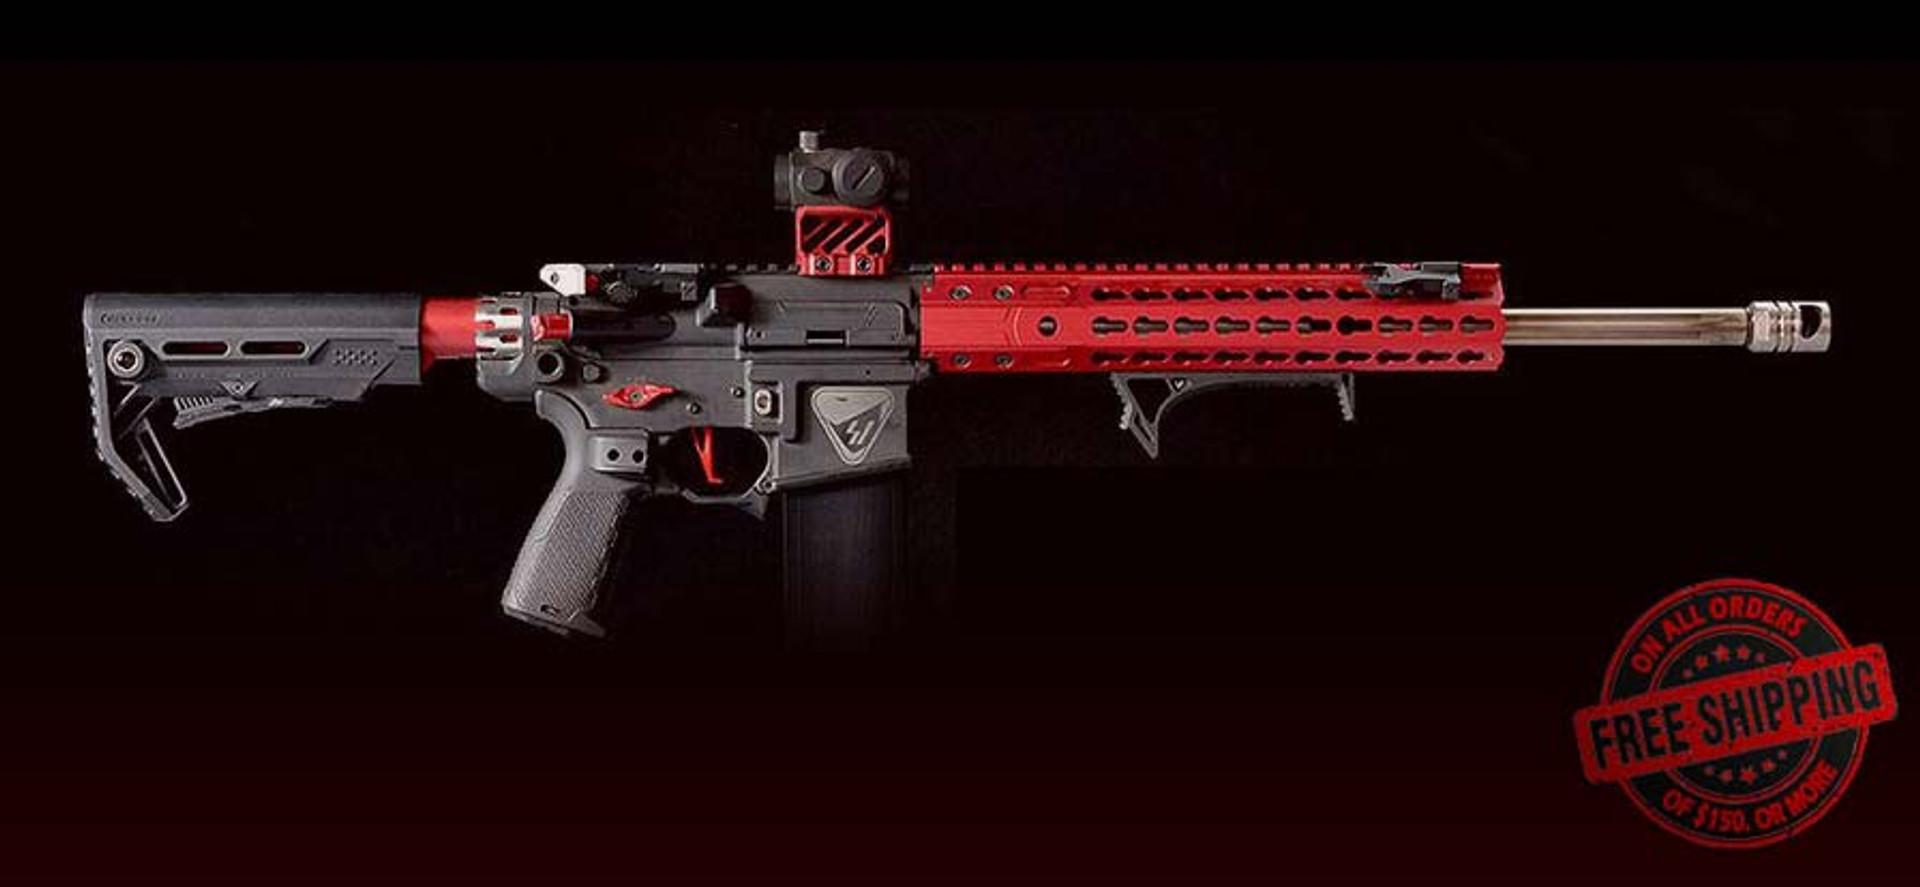 AR 15 Parts, AR15 Parts, AR Parts